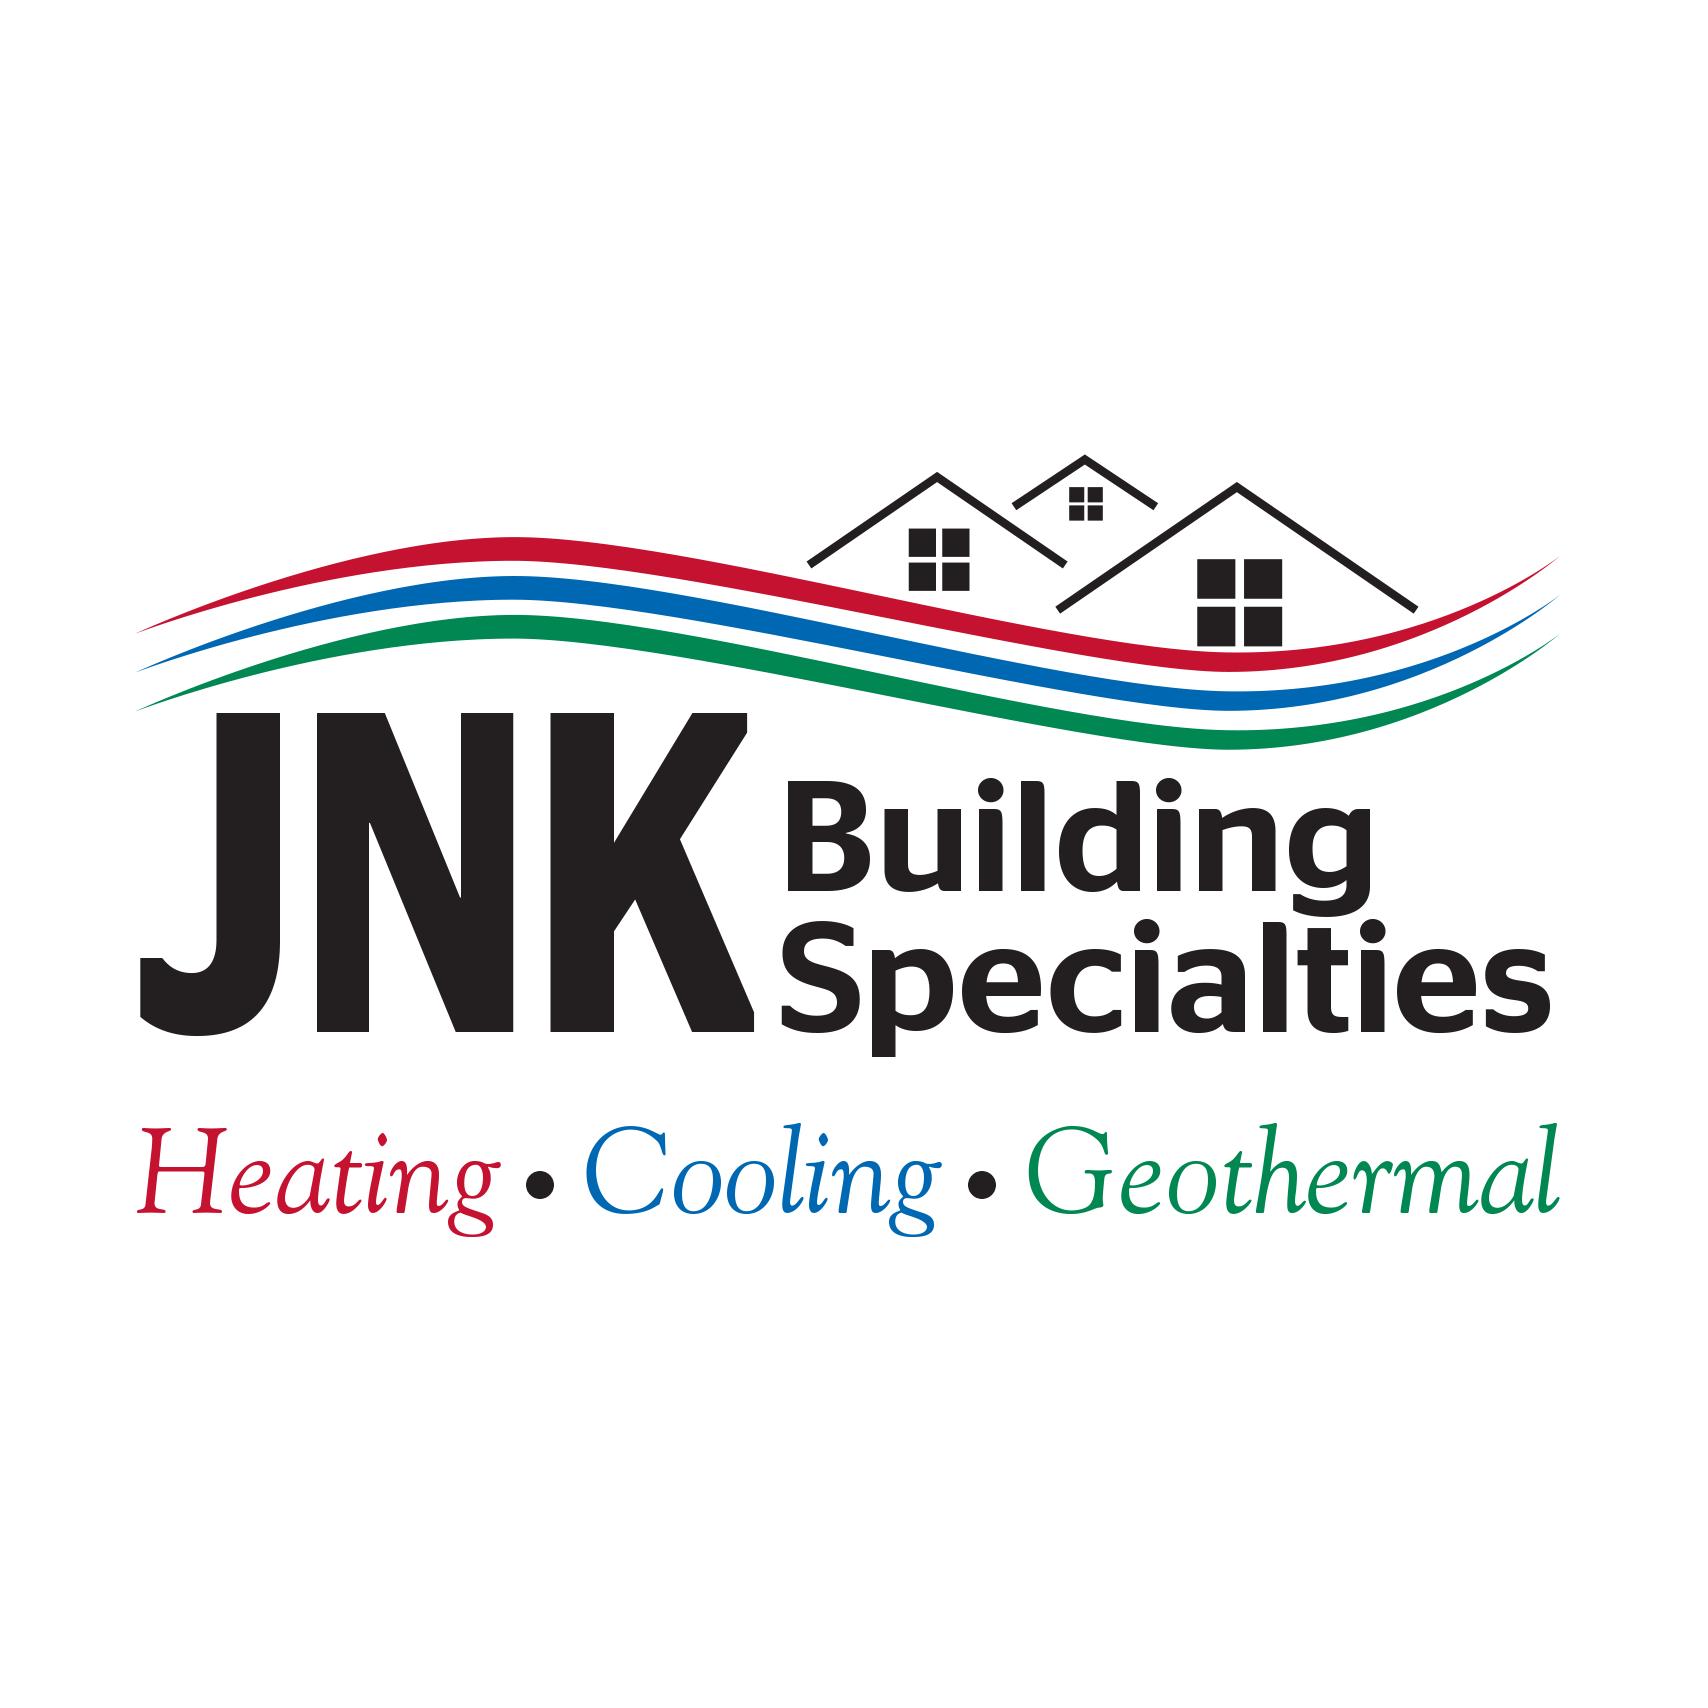 J.N.K. Building Specialties LLC